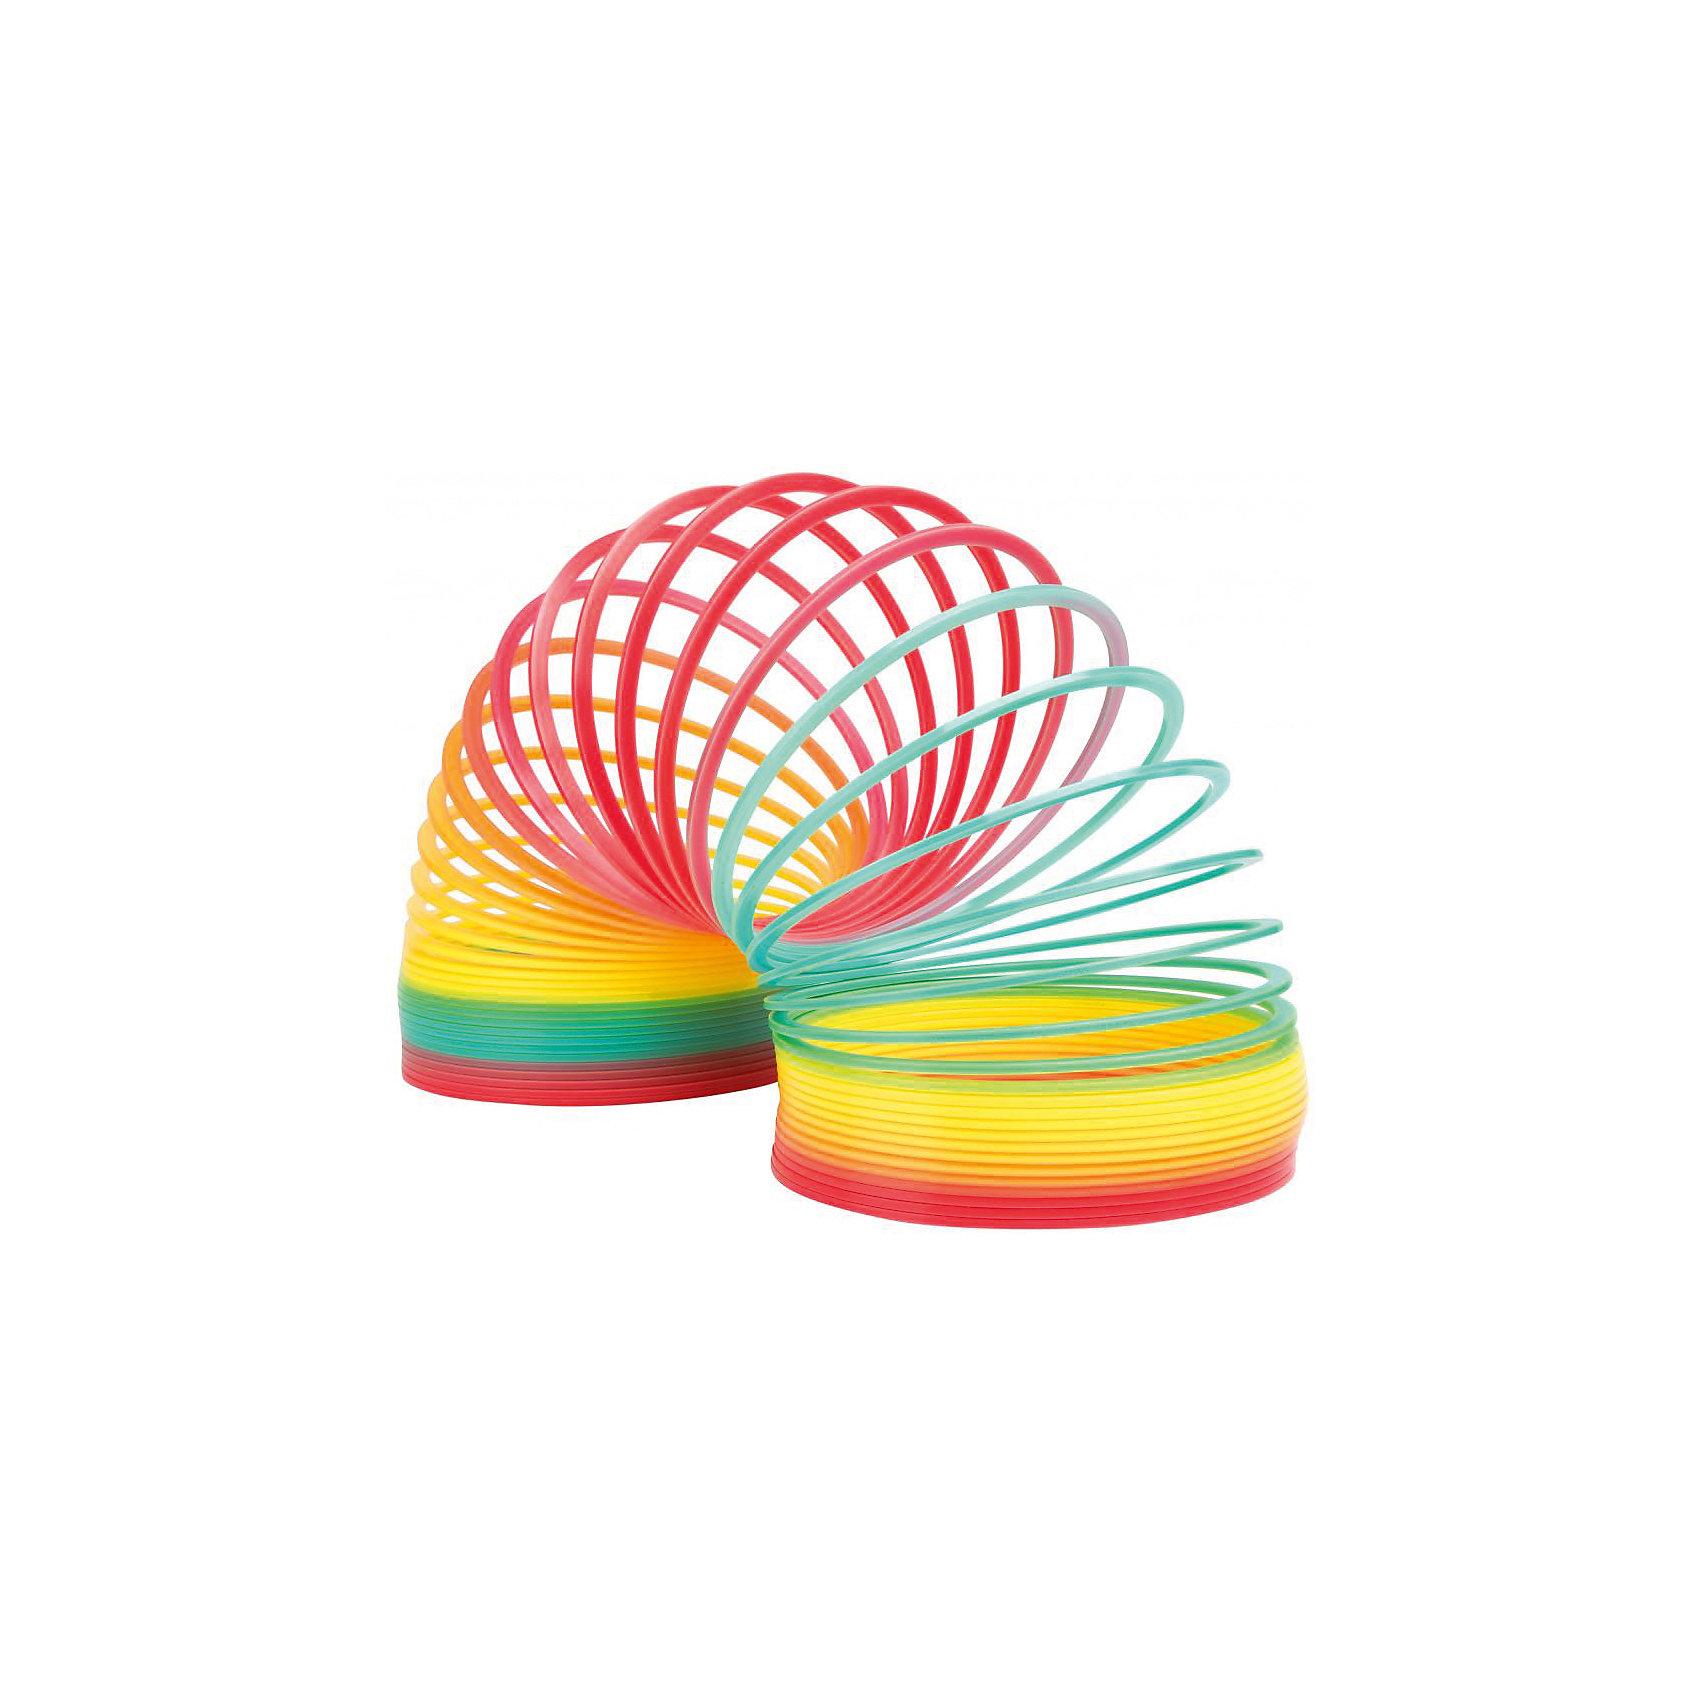 Пружинка  Радуга Гигант, SlinkyАнтистресс игрушки для рук<br>Характеристики:<br><br>• возраст: от 3 лет;<br>• цвет: разноцветная;<br>• сложность игры: 1/5;<br>• материал: пластик;<br>• количество игроков: 1;<br>• время игры: 10 мин.;<br>• диаметр пружинки: 13 см;<br>• вес упаковки:  445 г.;<br>• тип упаковки: картонное кольцо;<br>• размер упаковки: 13х13х14 см.<br>  <br>Самая большая пластиковая пружинка из выпускаемых компанией Slinky в диаметре составляет 13 см.<br><br>Специальный плоский профиль витков обеспечивает плавный и мягкий эффект перекатывания исключает возможность случайного запутывания во время игры. Эта пружинка «шагает» по лестнице намного шире, а тянется длиннее. <br><br>Цвета пружинки расположены в правильном порядке радуги, которые красиво переливаются во время движения. <br><br>Пружинку Радуга «Гигант», Slinky можно приобрести в нашем интернет-магазине<br><br>Ширина мм: 130<br>Глубина мм: 130<br>Высота мм: 130<br>Вес г: 450<br>Возраст от месяцев: 60<br>Возраст до месяцев: 2147483647<br>Пол: Унисекс<br>Возраст: Детский<br>SKU: 7029001